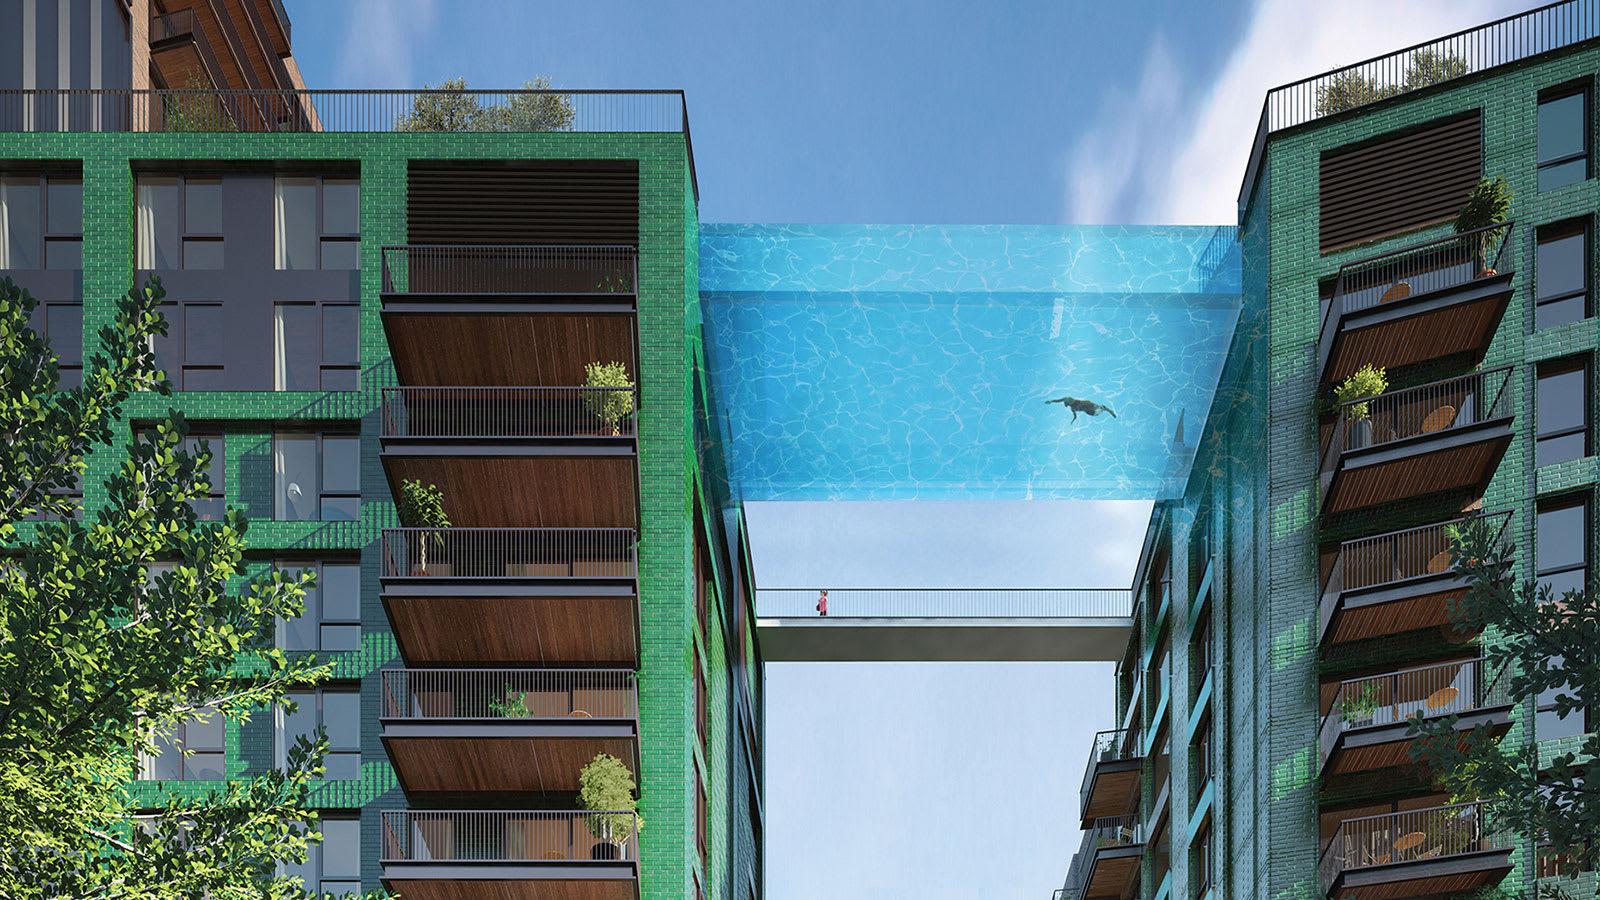 أشبه بالطيران..لندن تستعد لافتتاح أول حمام سباحة شفاف معلق في العالم